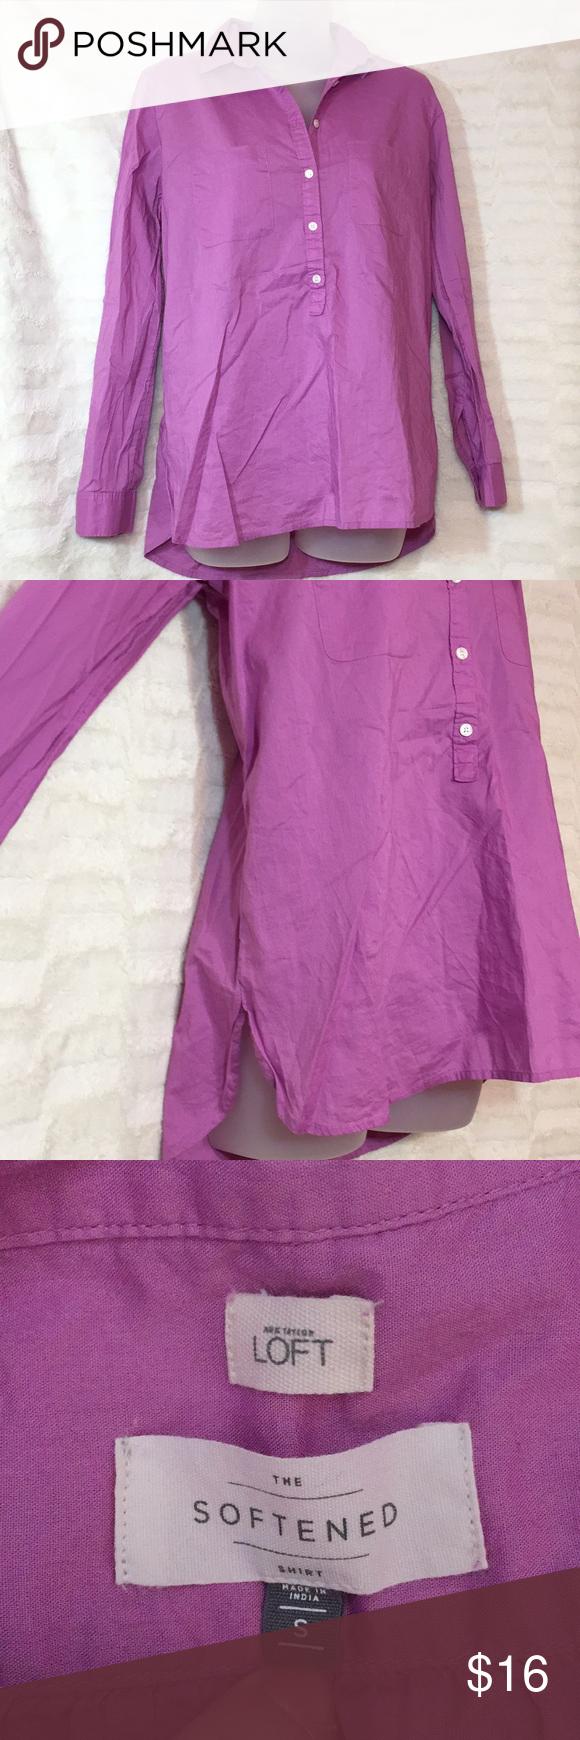 Lujoso Vestidos De Dama De Ann Taylor Inspiración - Colección de ...